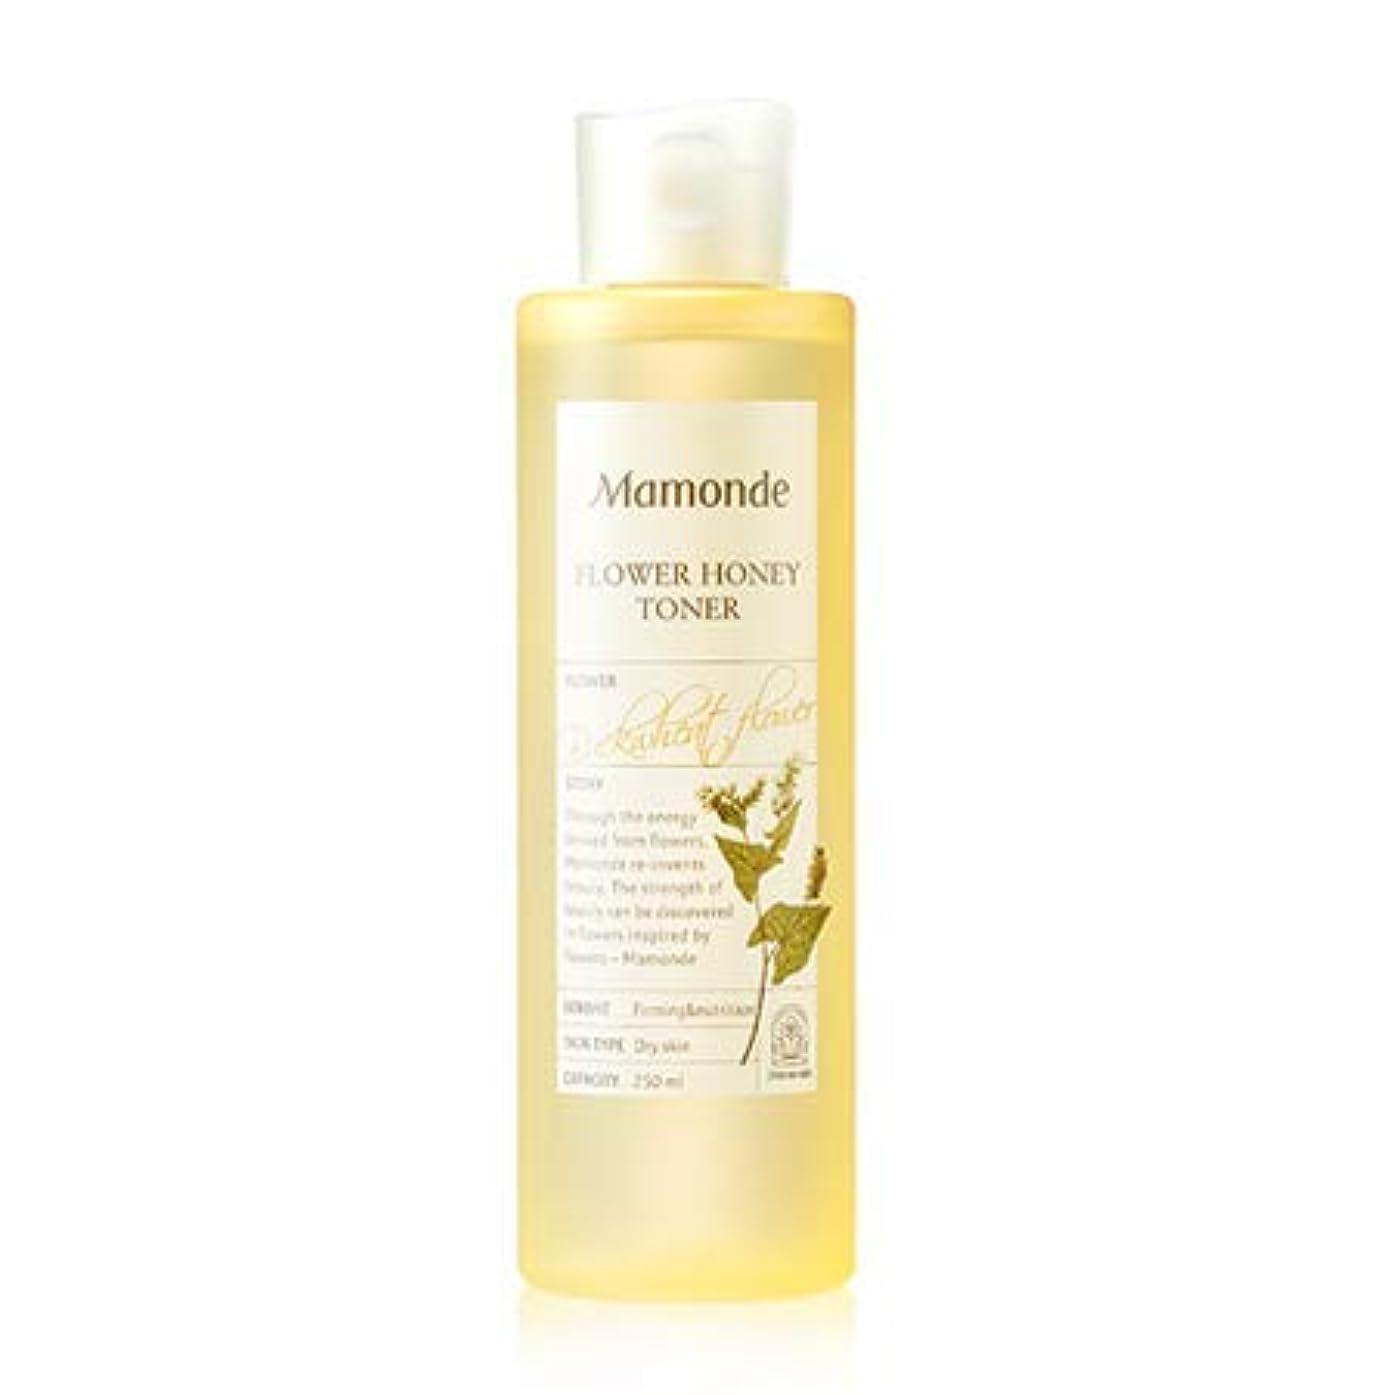 バイパスロープ国歌Mamonde Flower Honey Toner マモンド フラワー ハニー トナー 250ml [並行輸入品]